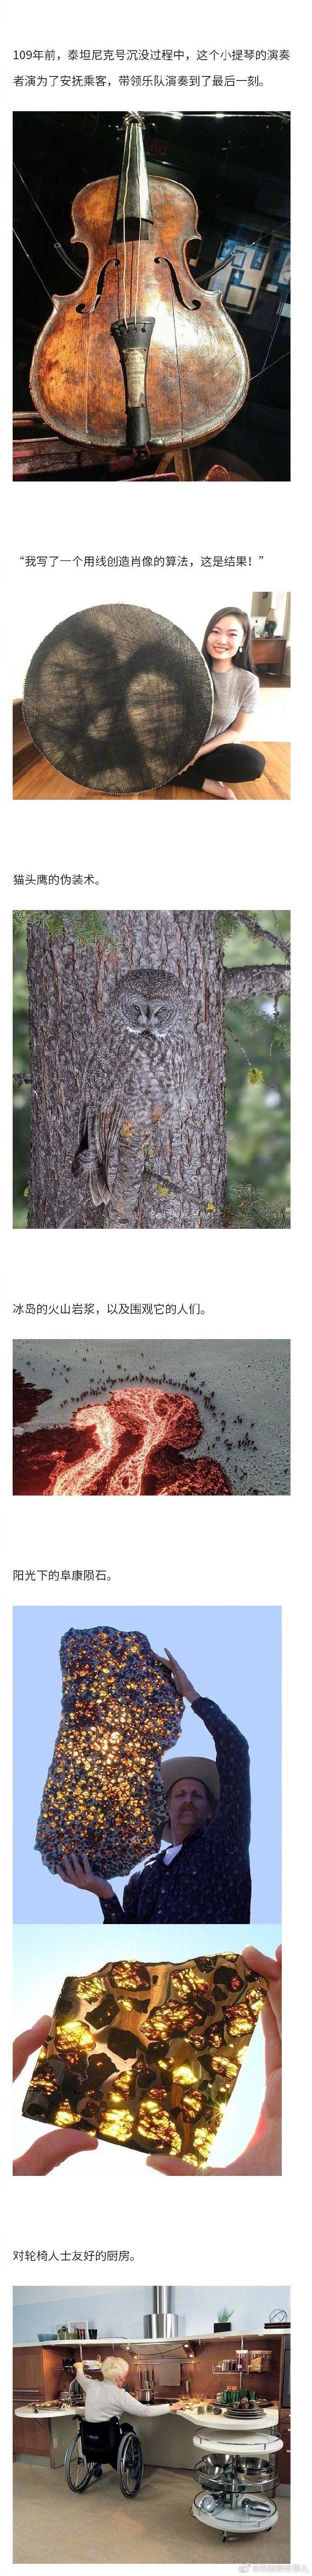 网友们po出的各种有趣的图片,有自然中令人惊叹的存在,也有现实中神奇的巧合